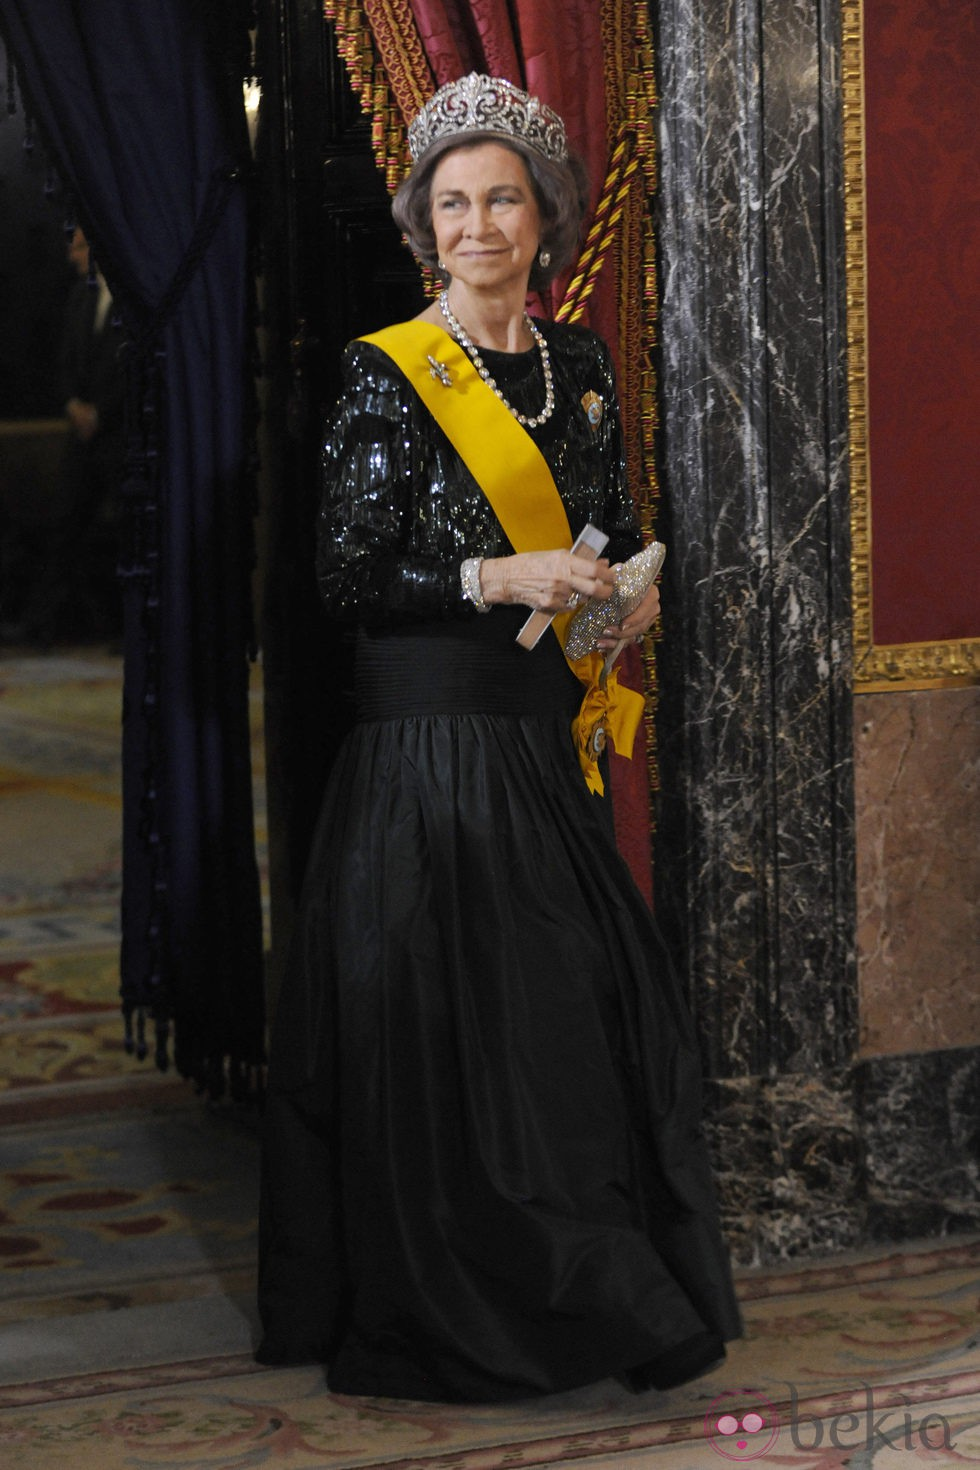 La Reina Sofía en la cena de gala al presidente de México y su esposa en el Palacio Real